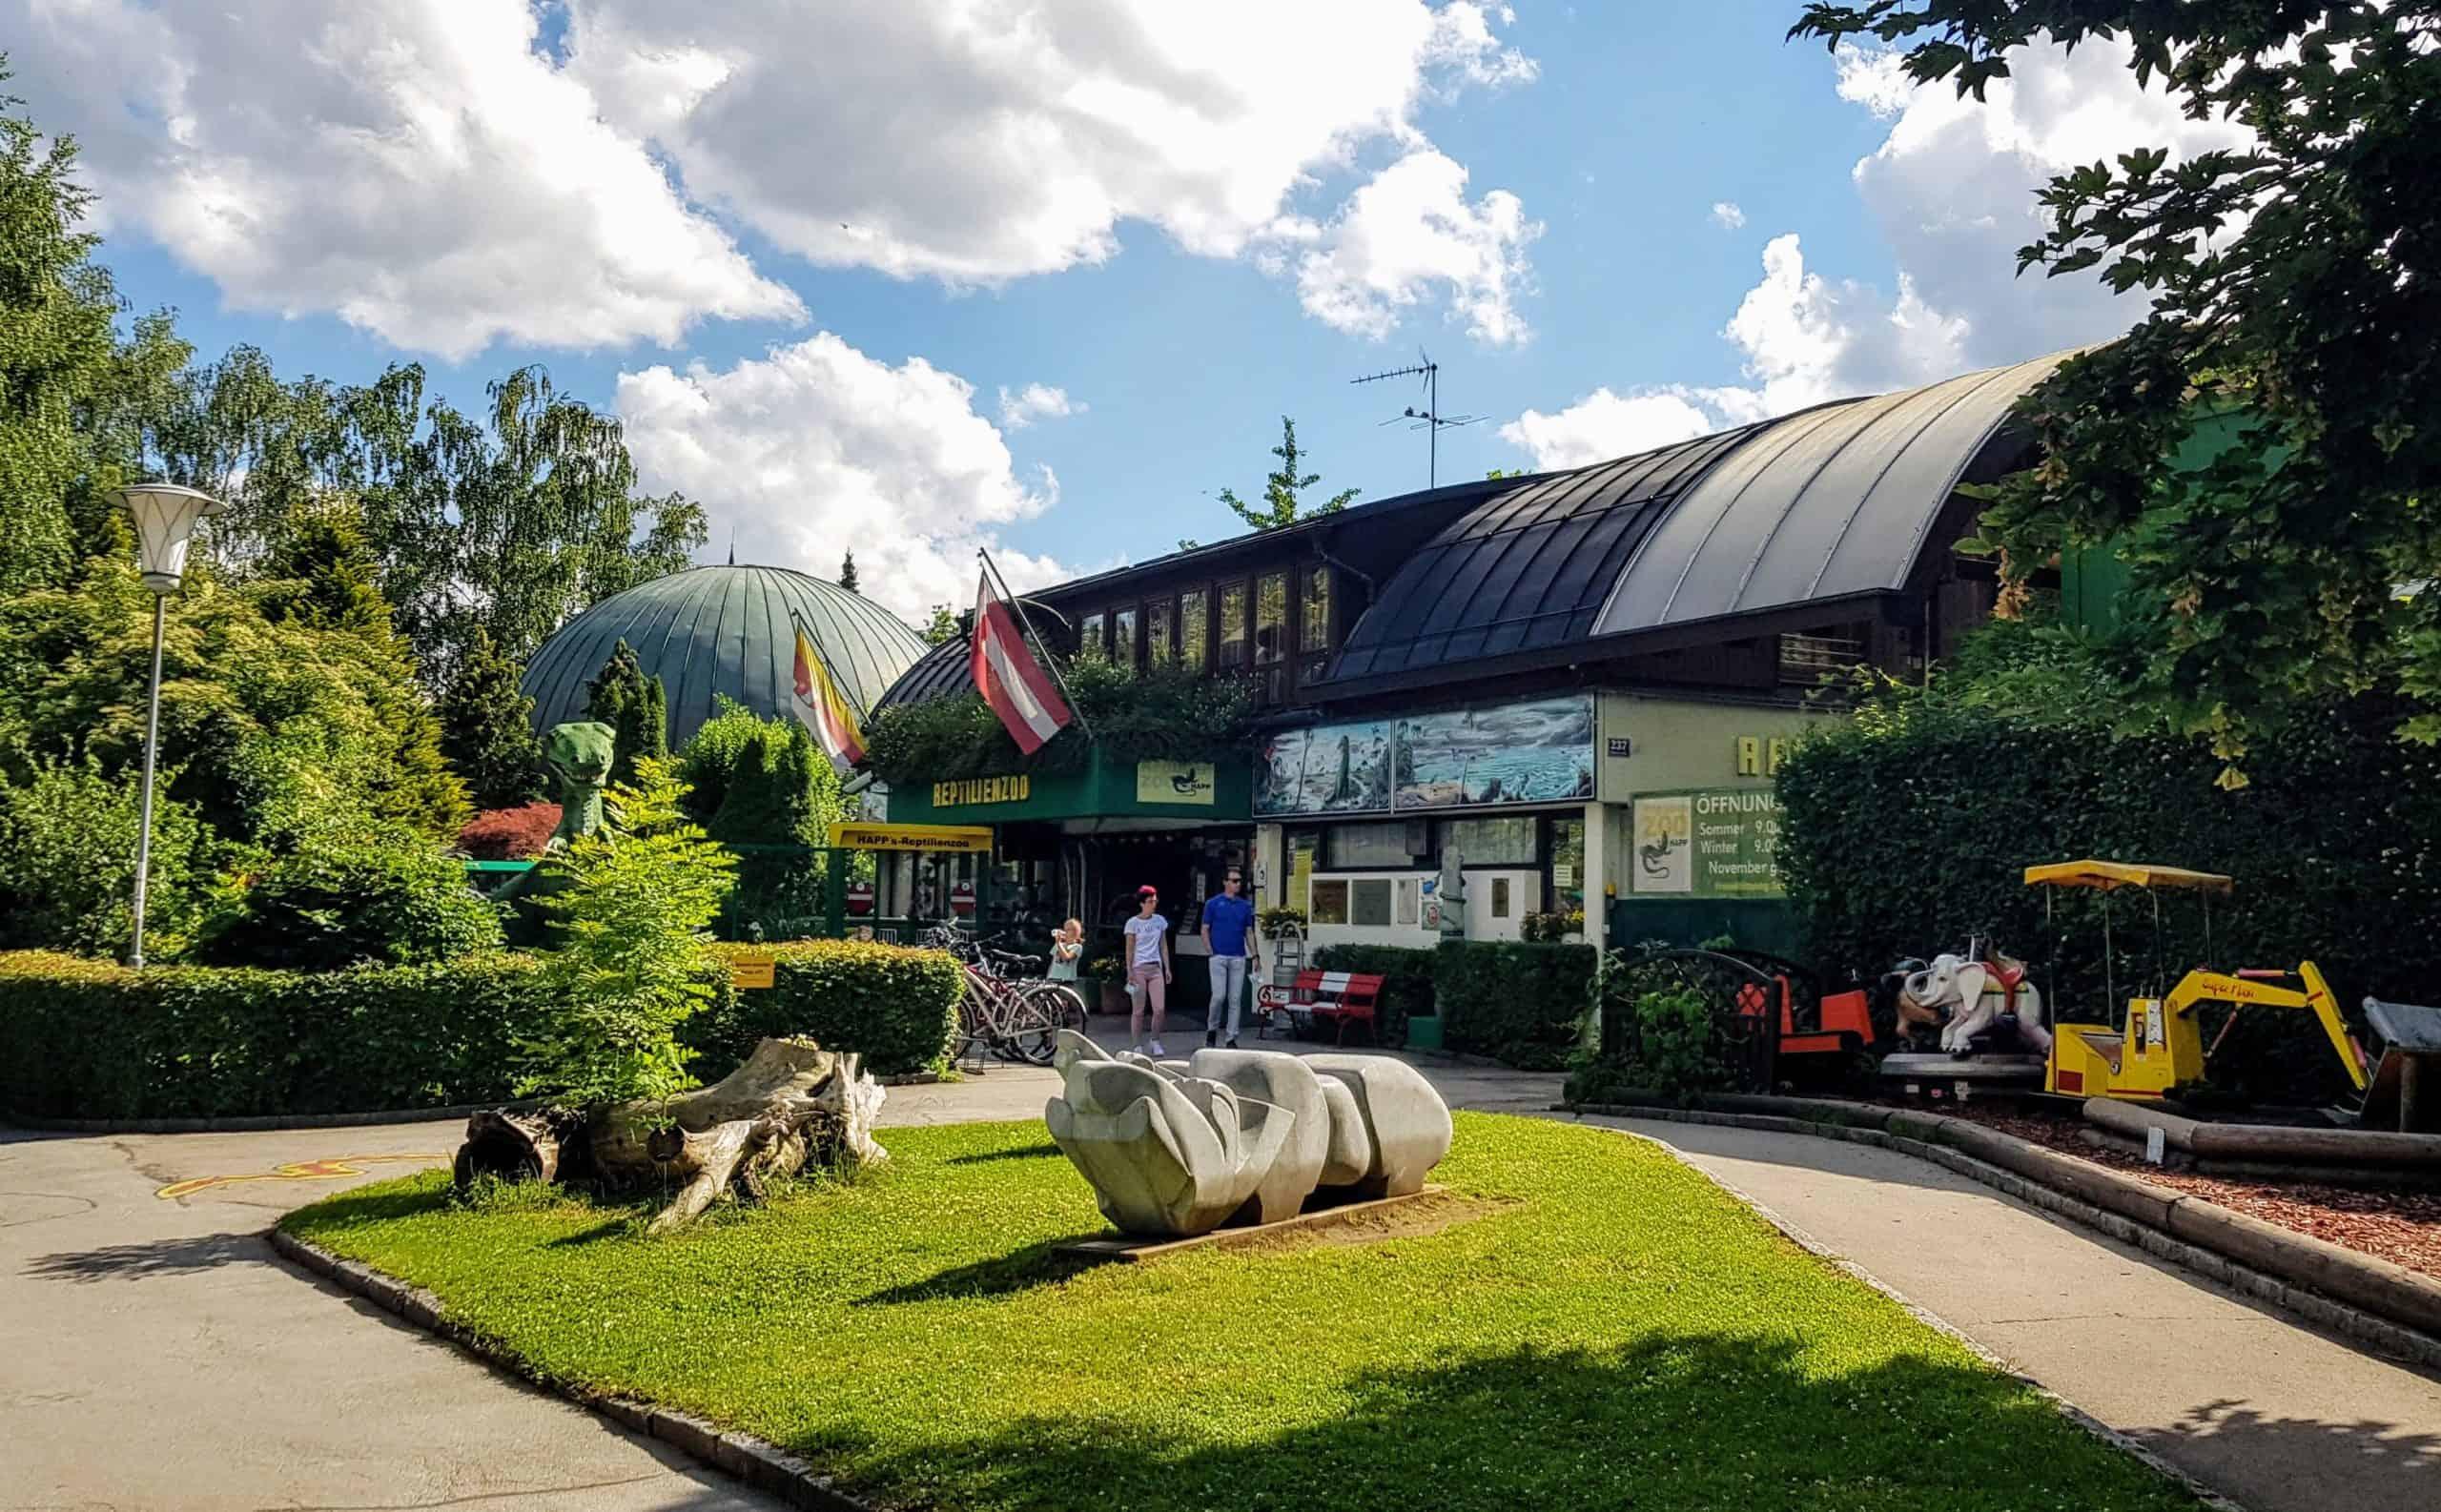 Reptilienzoo Happ - Sehenswürdigkeit & Ausflugsziel in Österreich